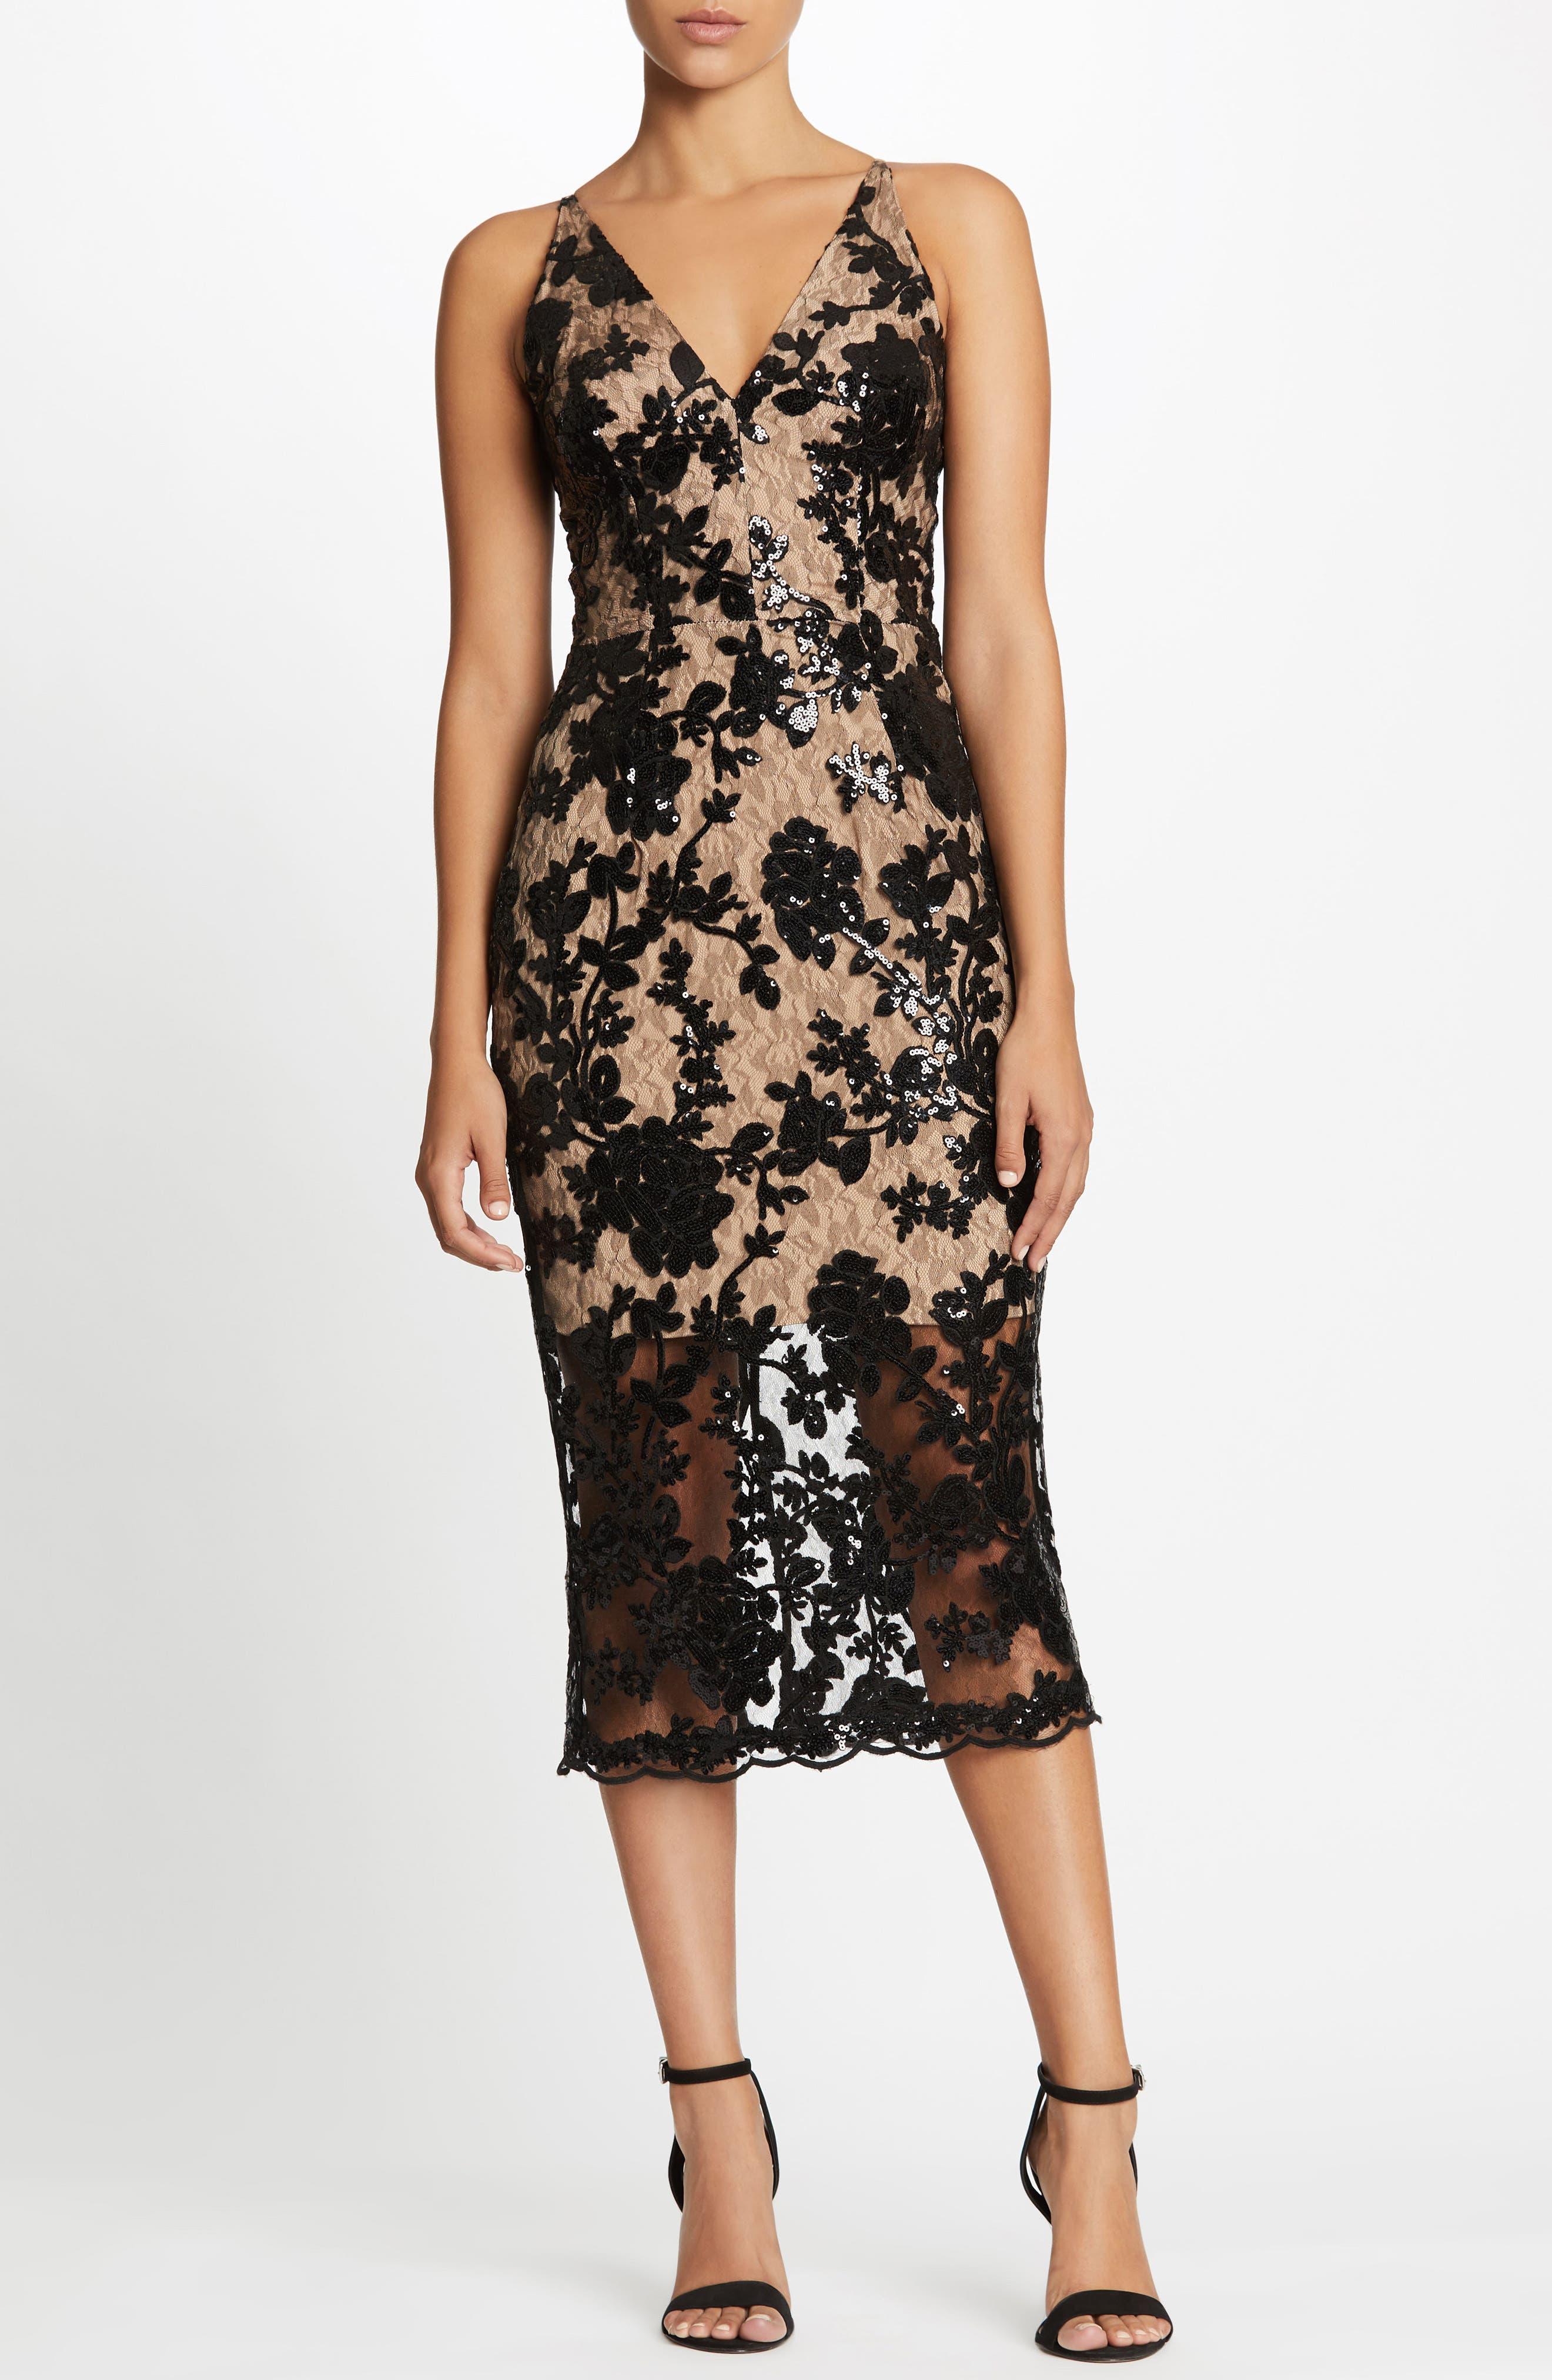 Rebecca Floral Lace Midi Dress,                         Main,                         color, Black/ Nude